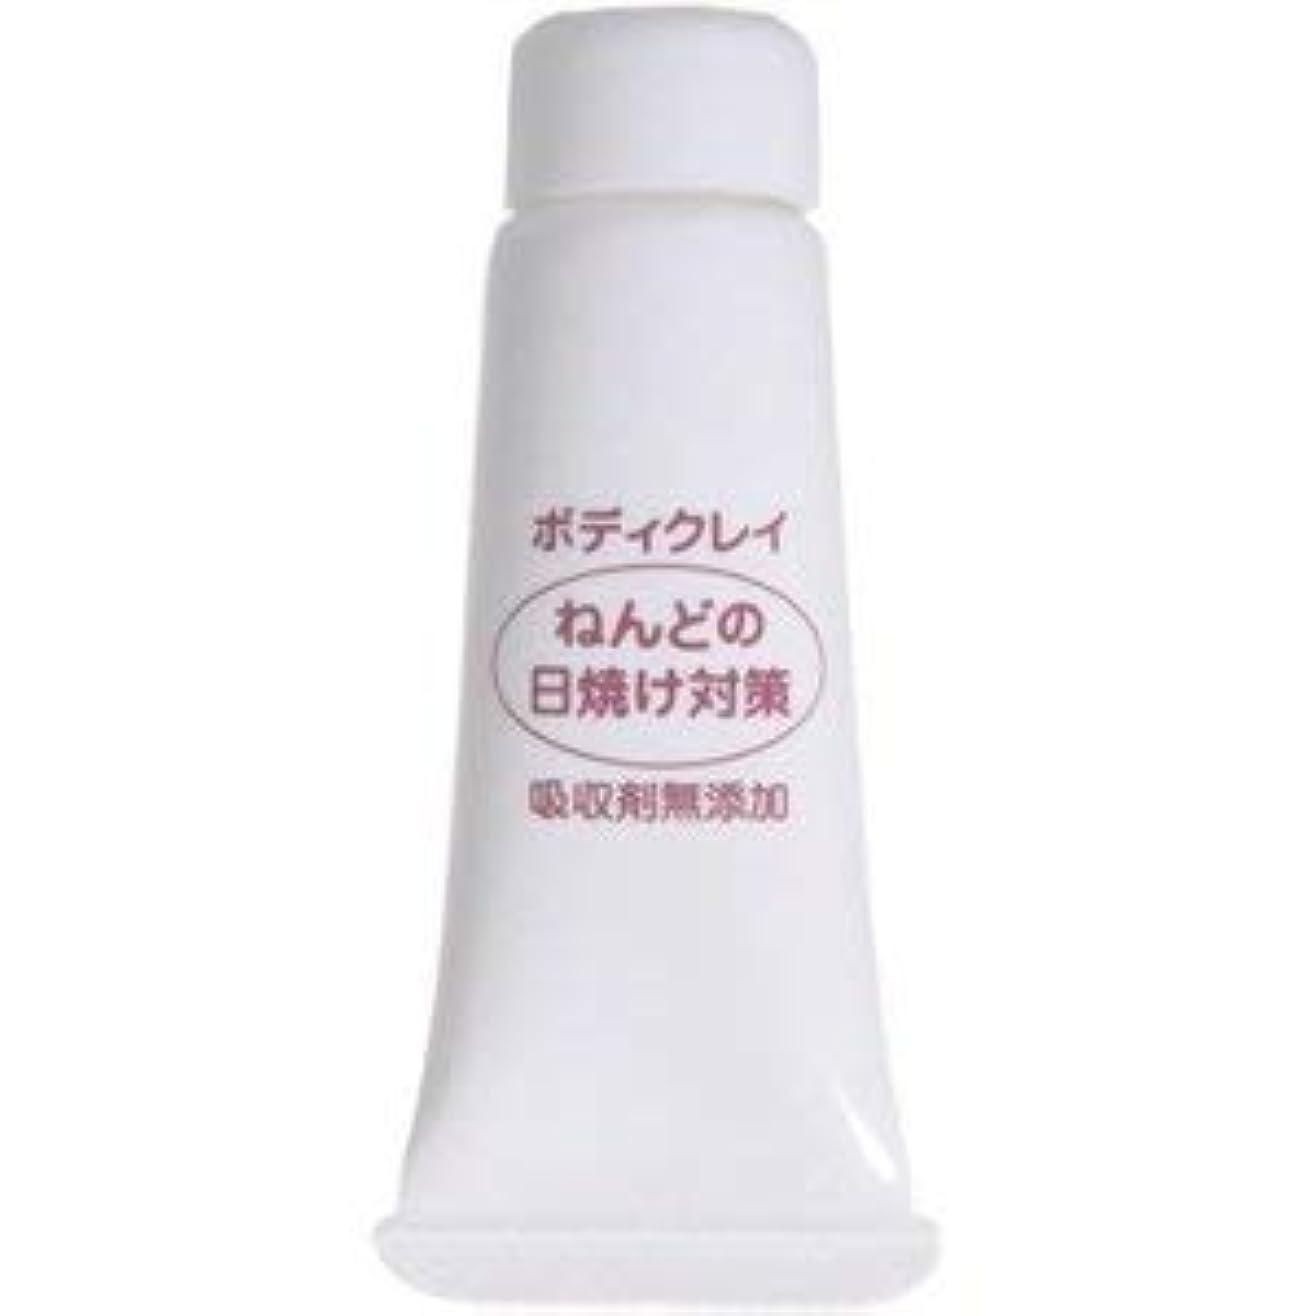 パイプエンコミウム広々【お試し用】ボディクレイ ねんどの日焼け対策 10g [並行輸入品]